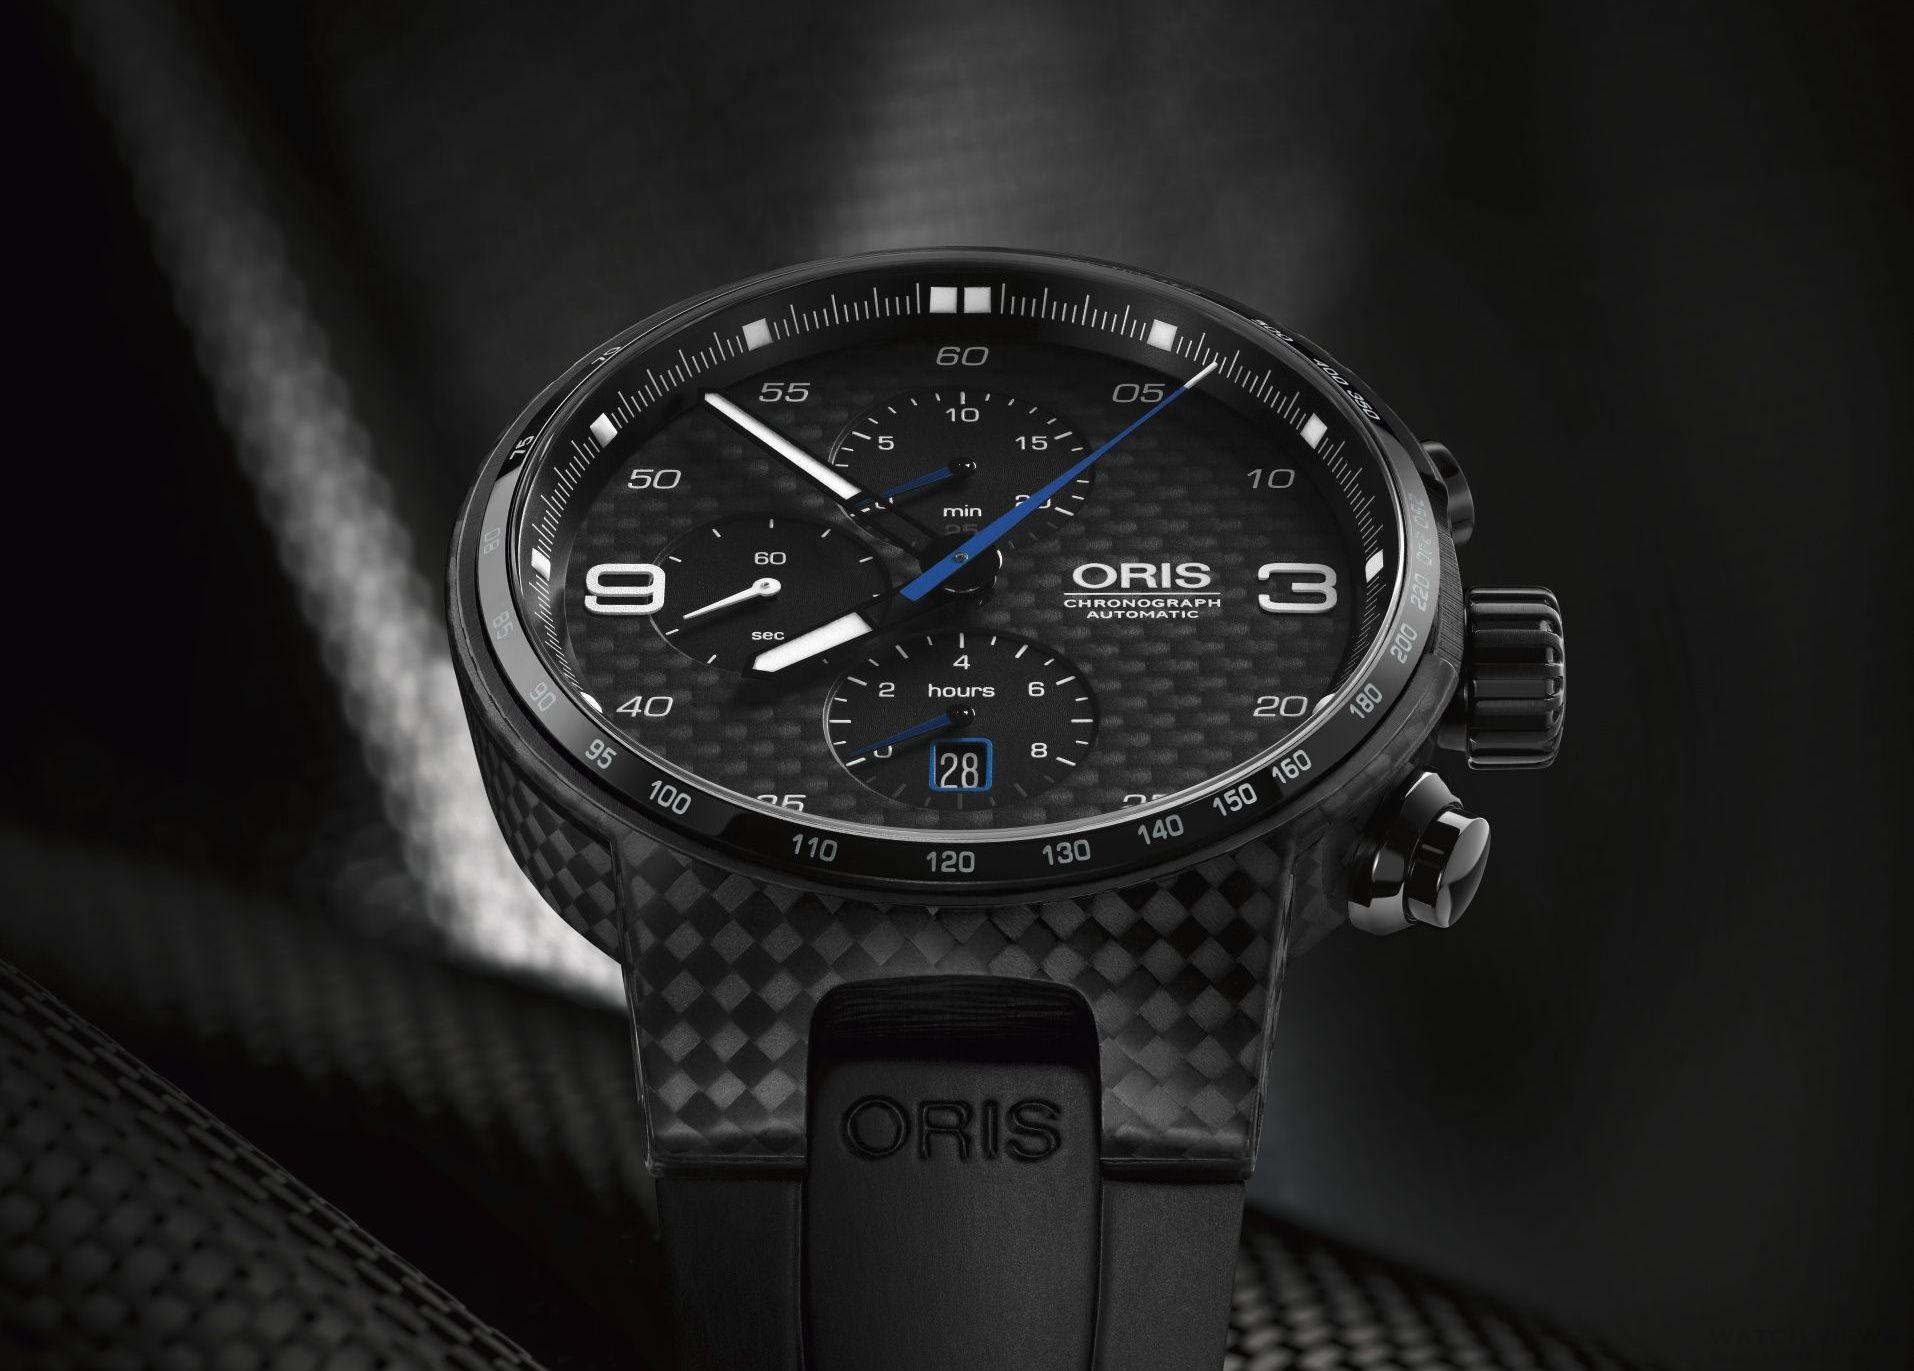 品味極速快感下的計時之作:Oris Sport賽車腕錶